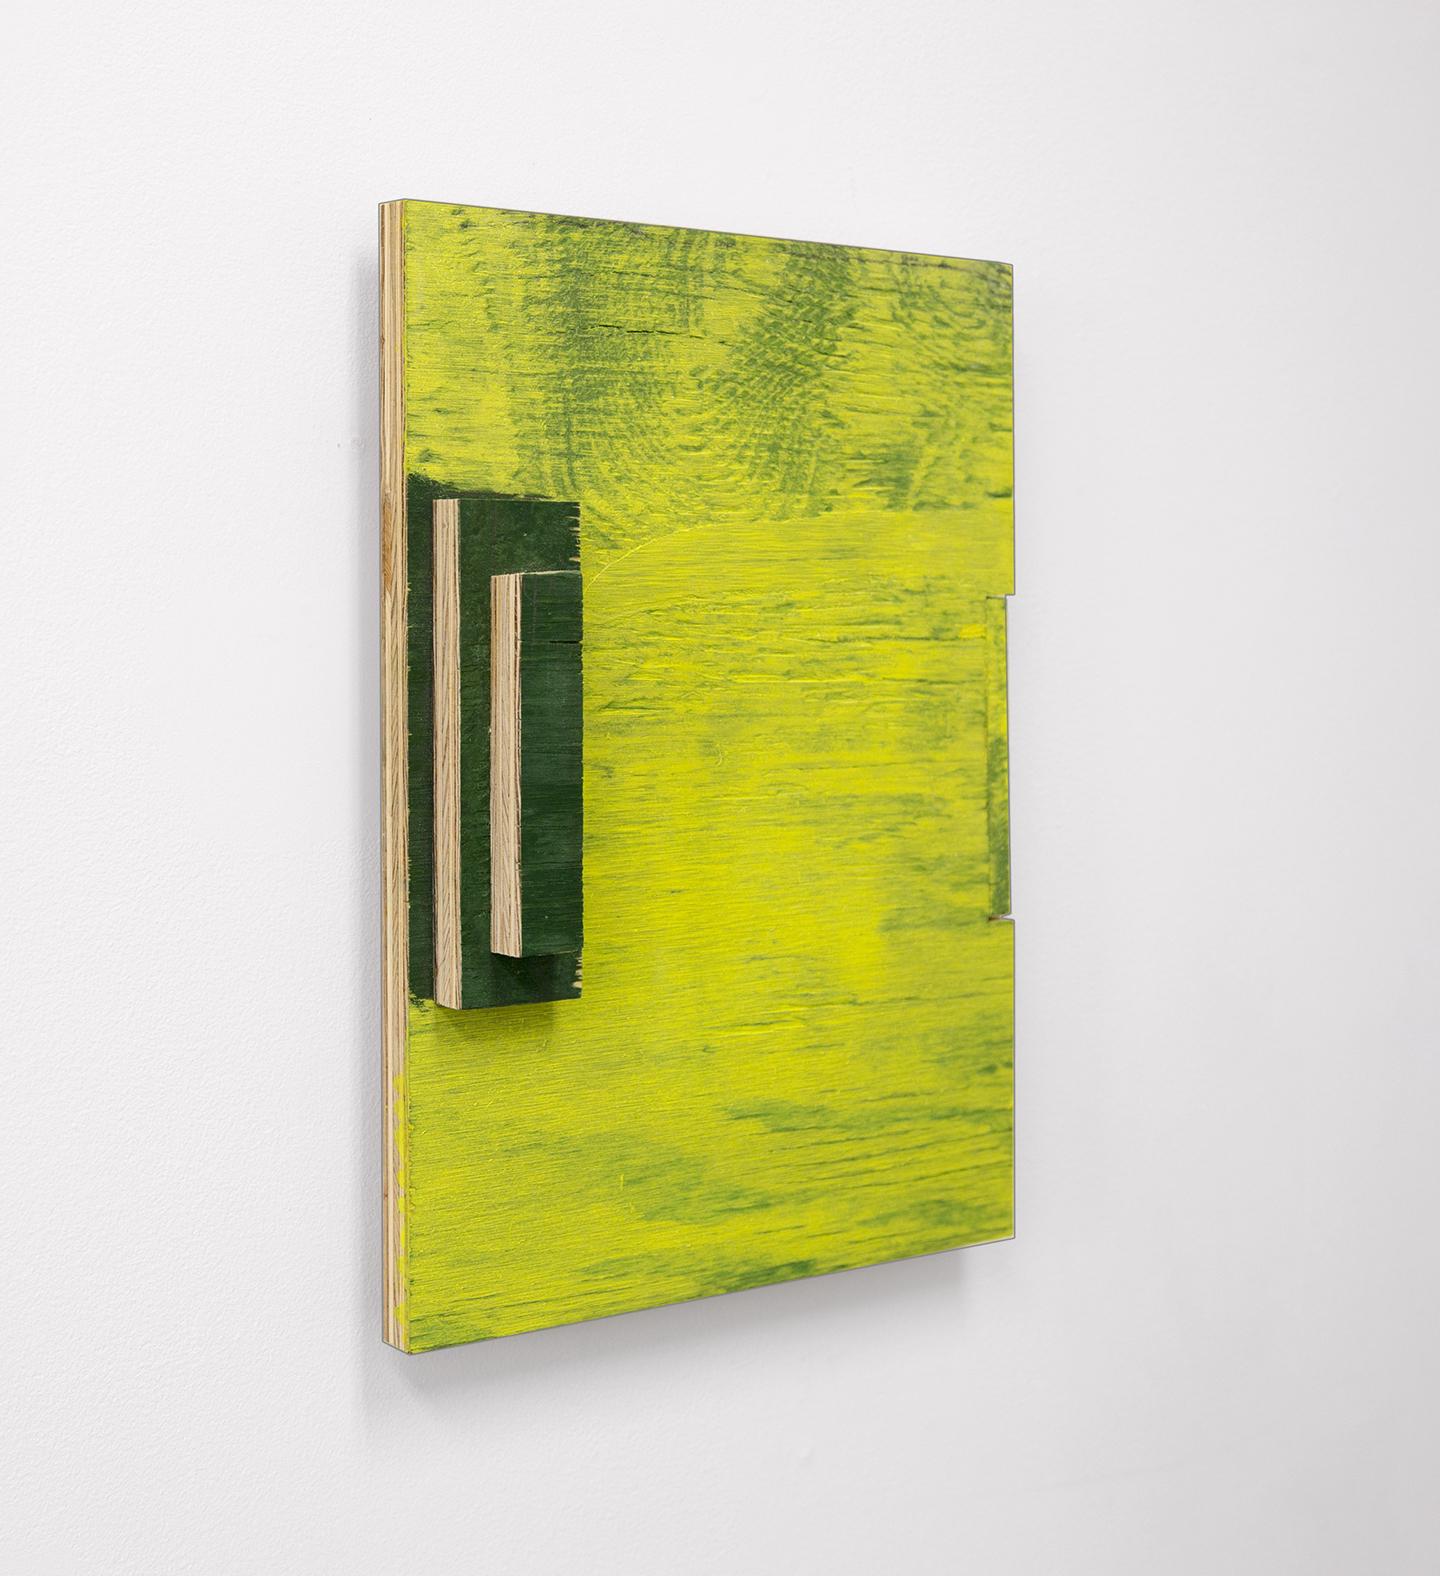 Kate Shepherd – Work 3 – Image 2 – LR.jpg